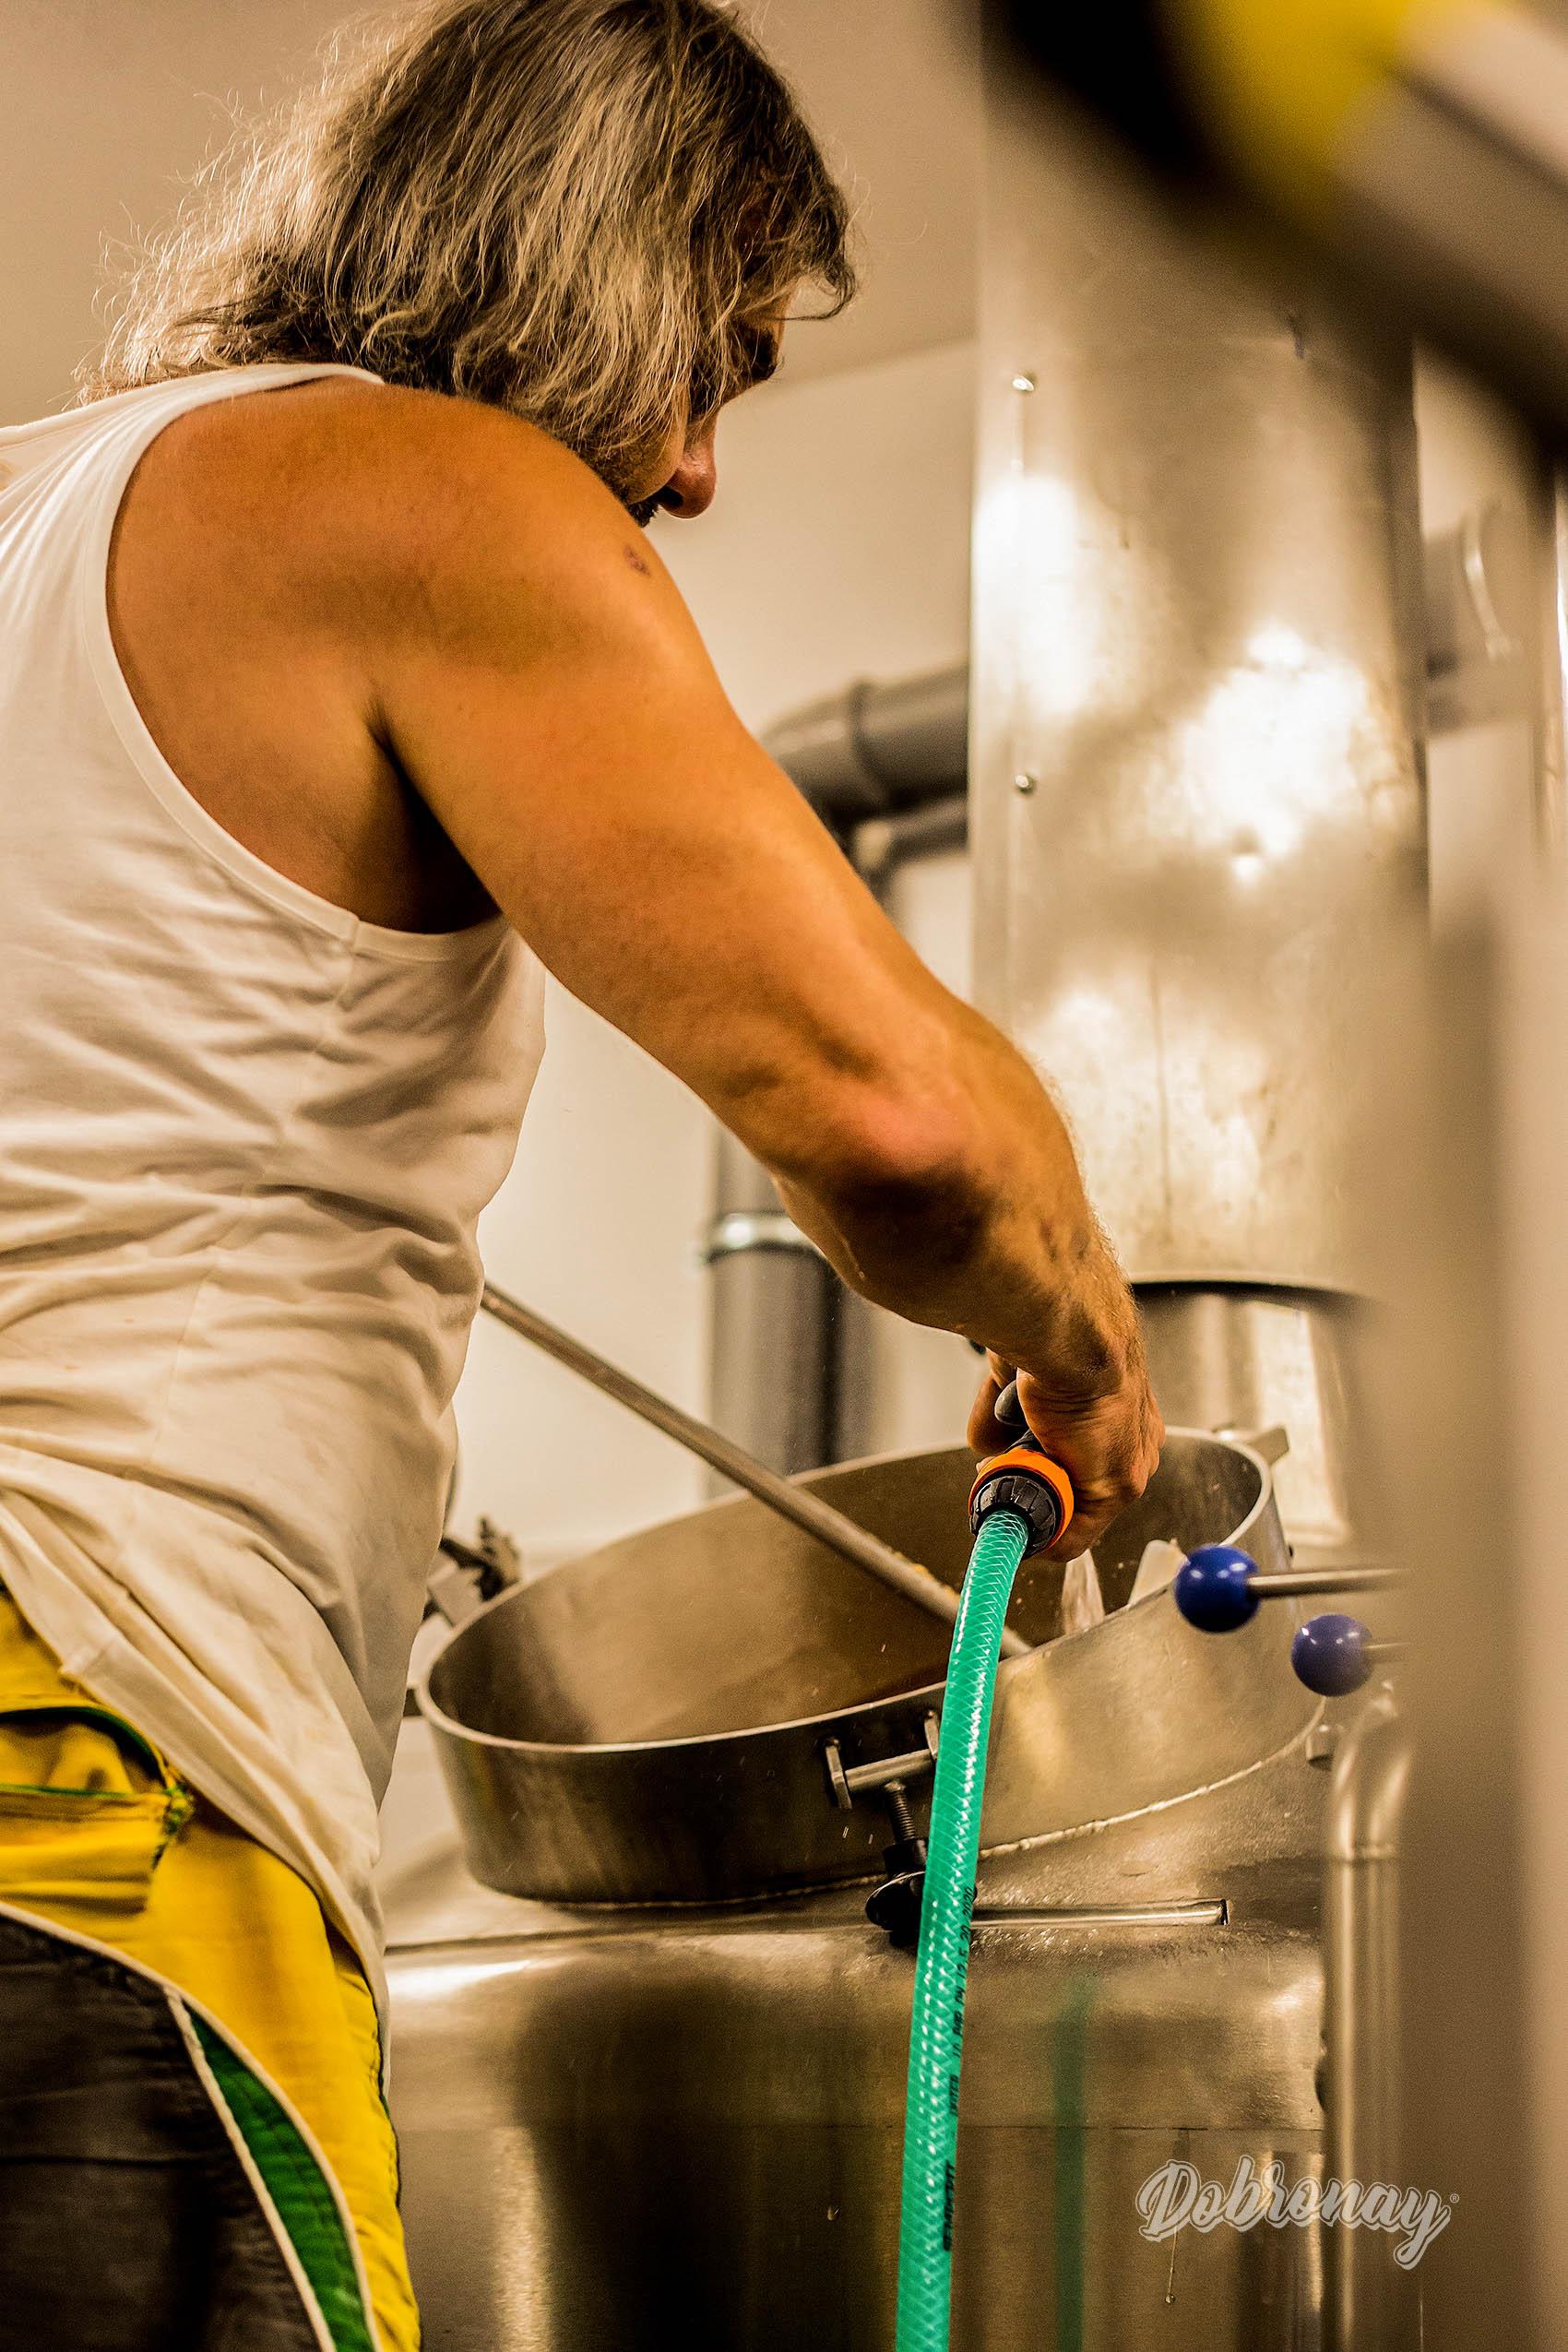 Náš sládok plne sústredený na svoju prácu s cieľom dopriať ľuďom vynikajúce pivko